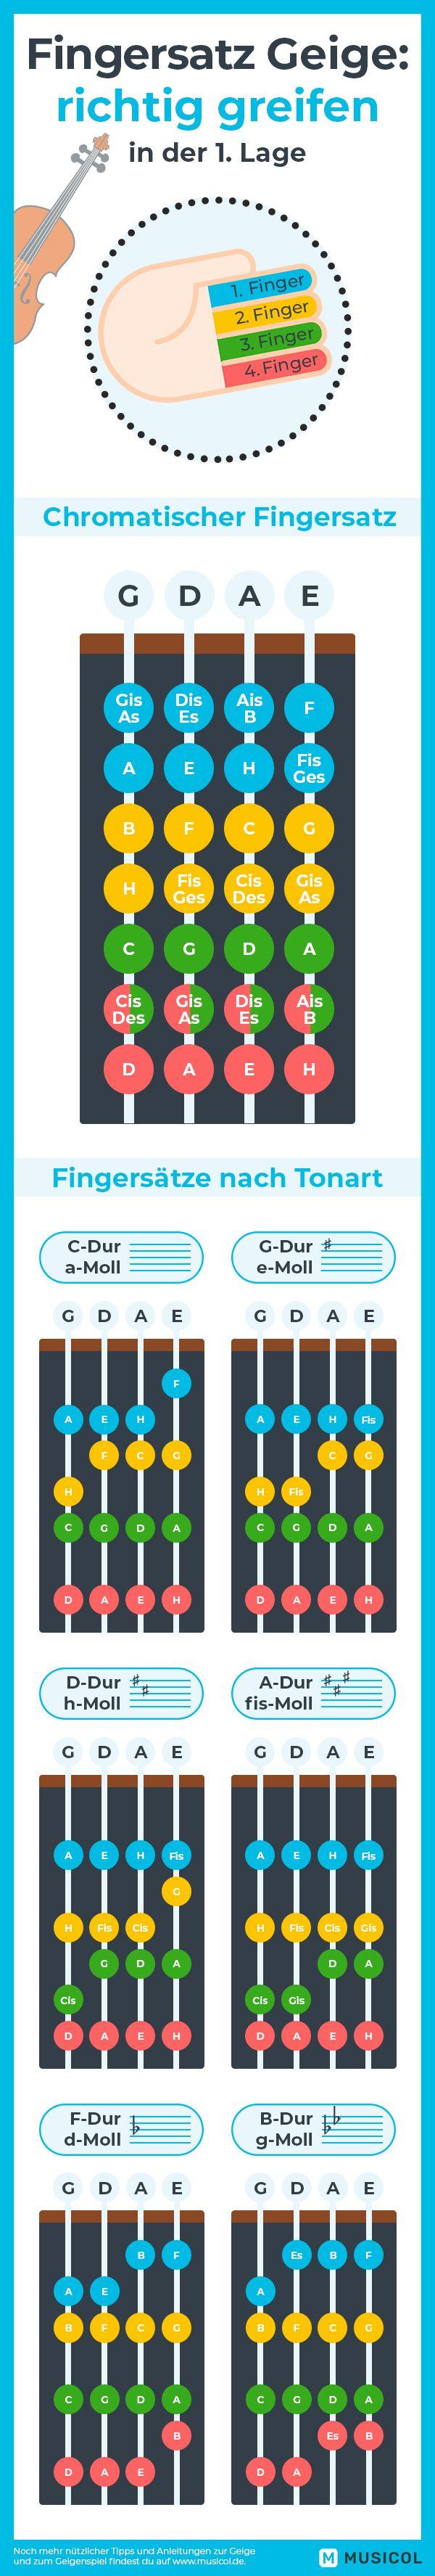 Fingersatz Geige: richtig greifen – Blubby